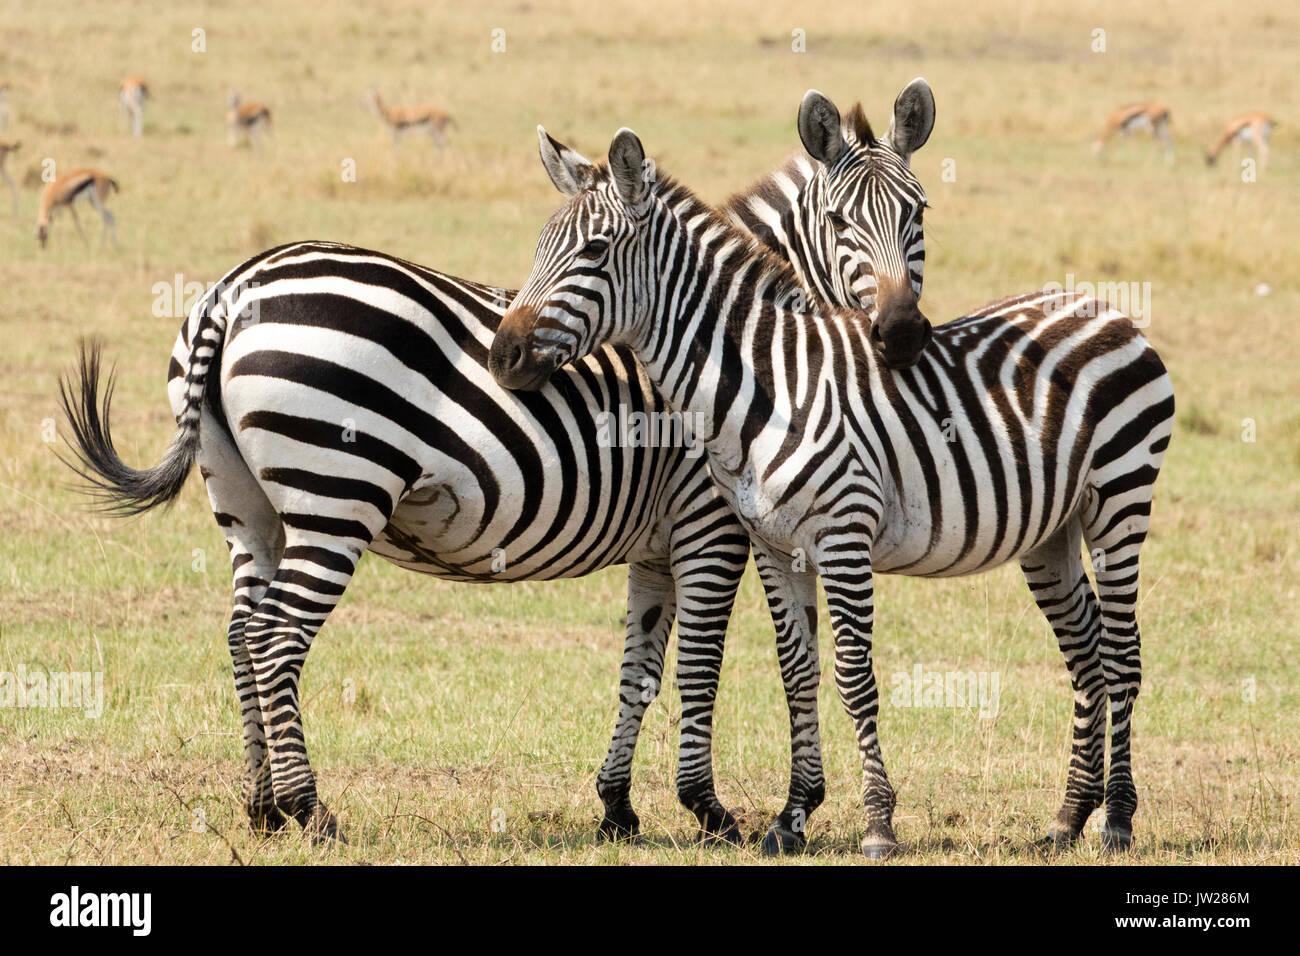 Dolce momento tra pianura zebra (Equus quagga) madre e bambino, poggiando su ciascun altro Immagini Stock